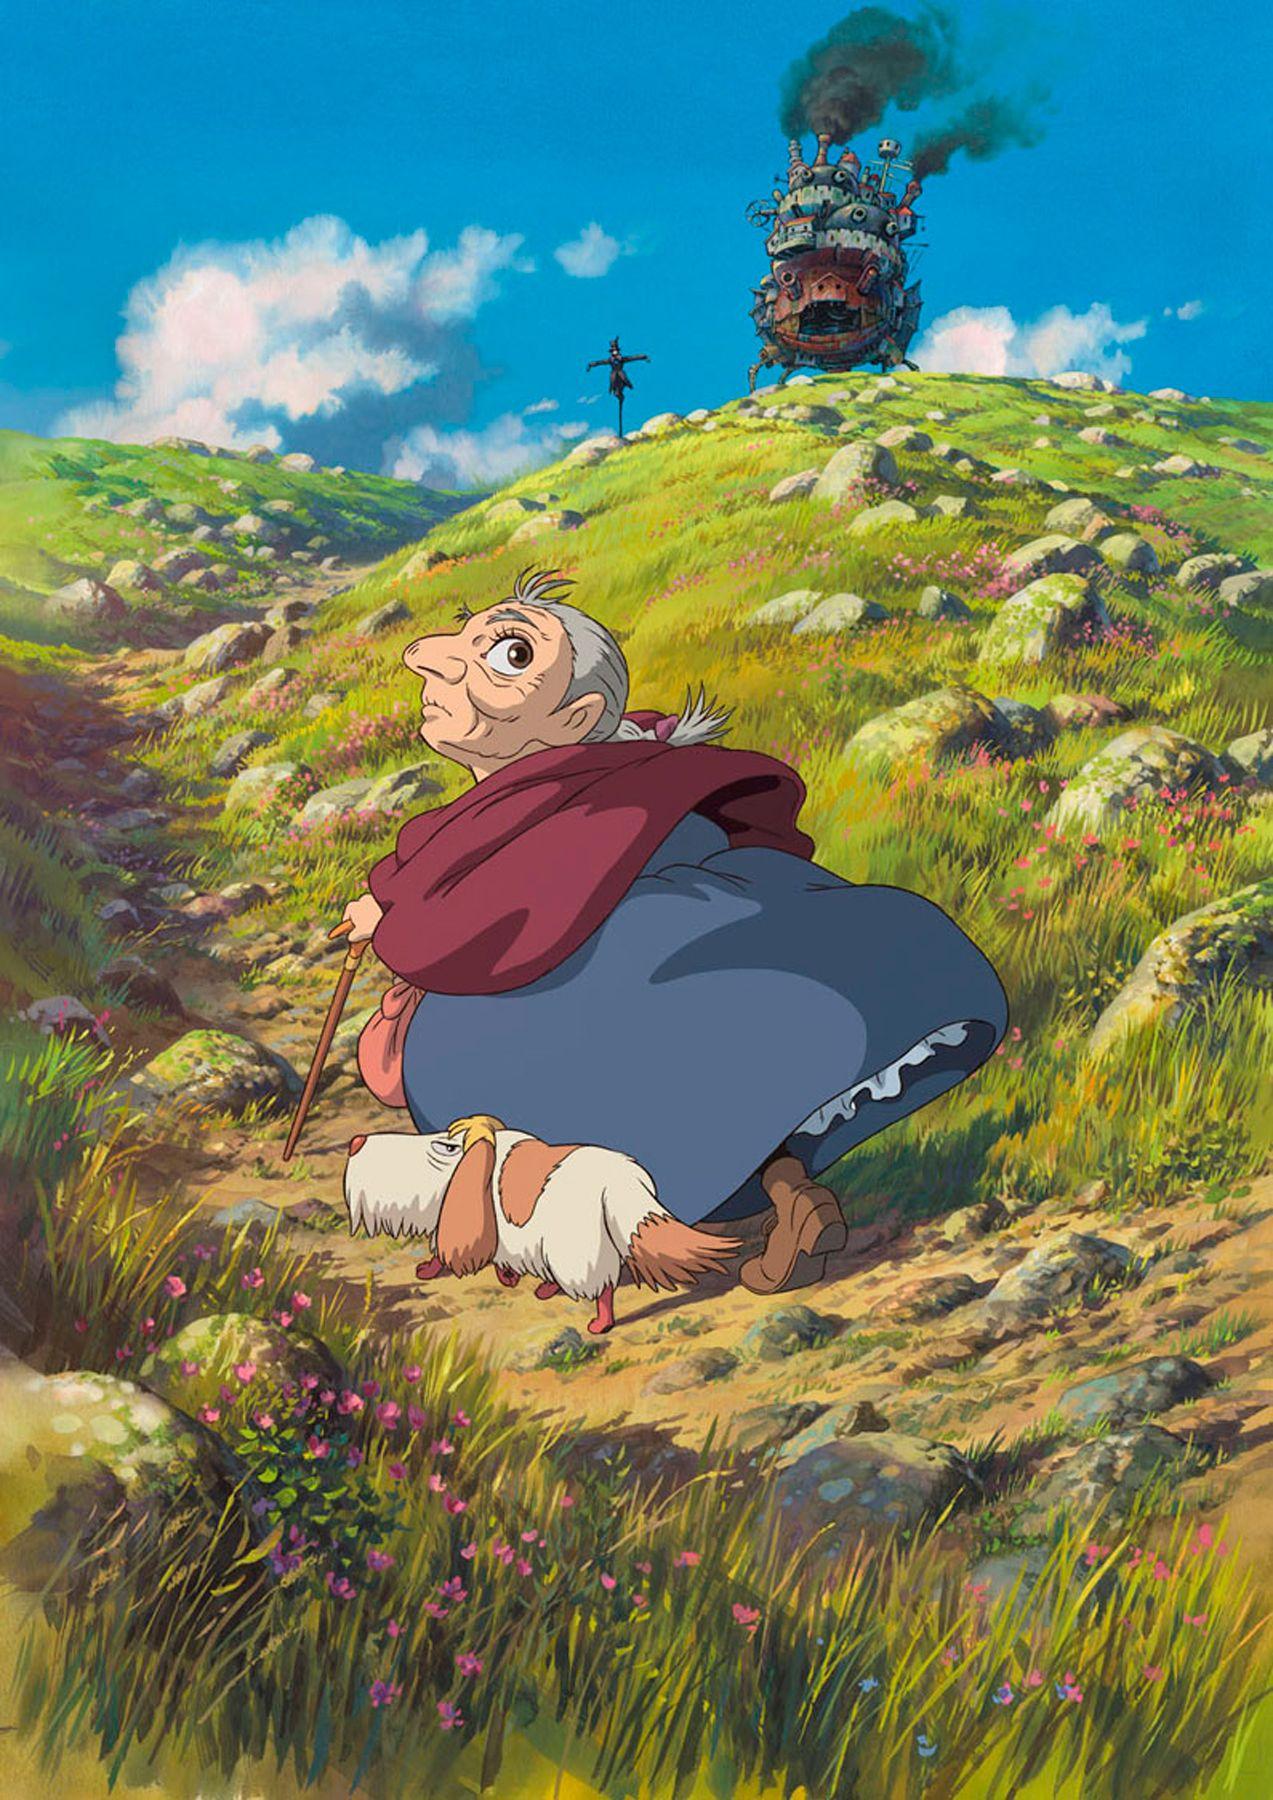 The Art Of Animation Hayao Miyazaki Le Chateau Ambulant Studio Ghibli Films Hauru